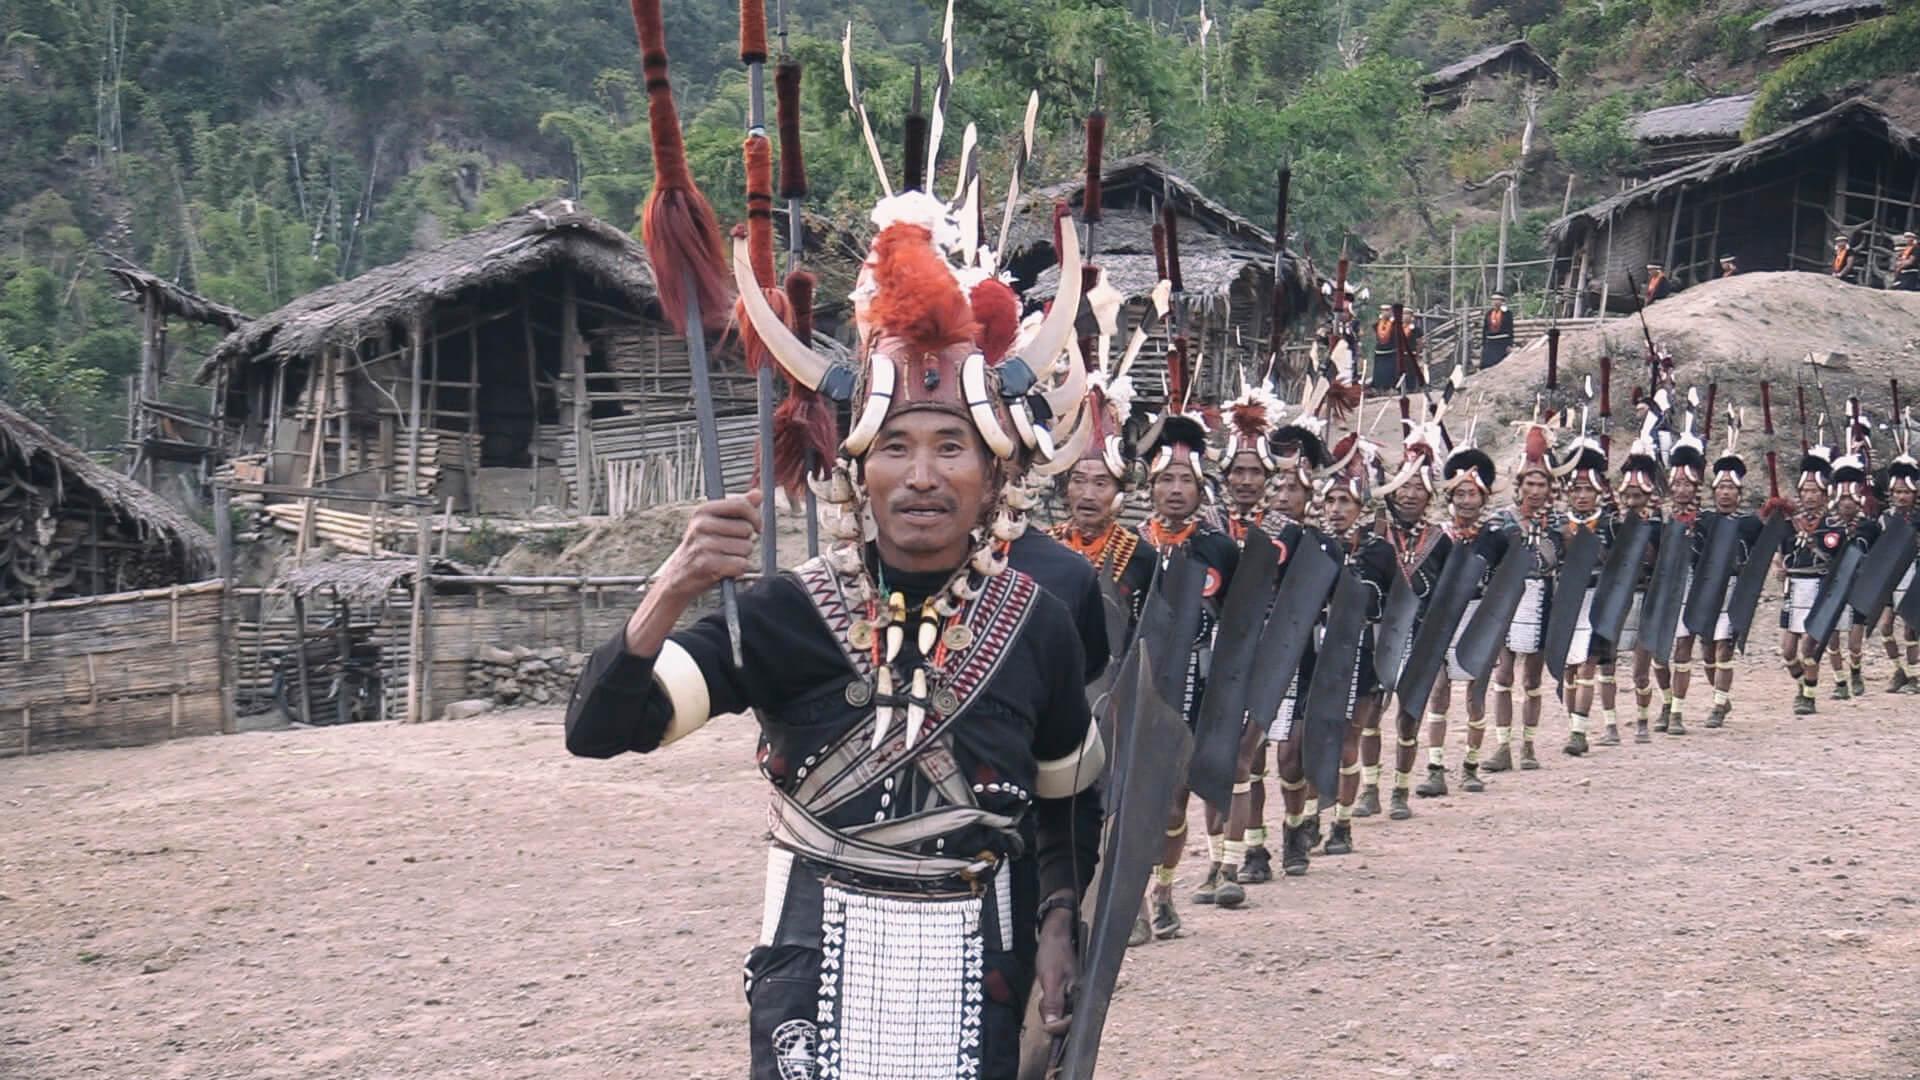 ミャンマーの文化とともに —— コムアイ、オオルタイチ、井口寛が語る音を通じた繋がり interview210917_staywithmyanmar_12